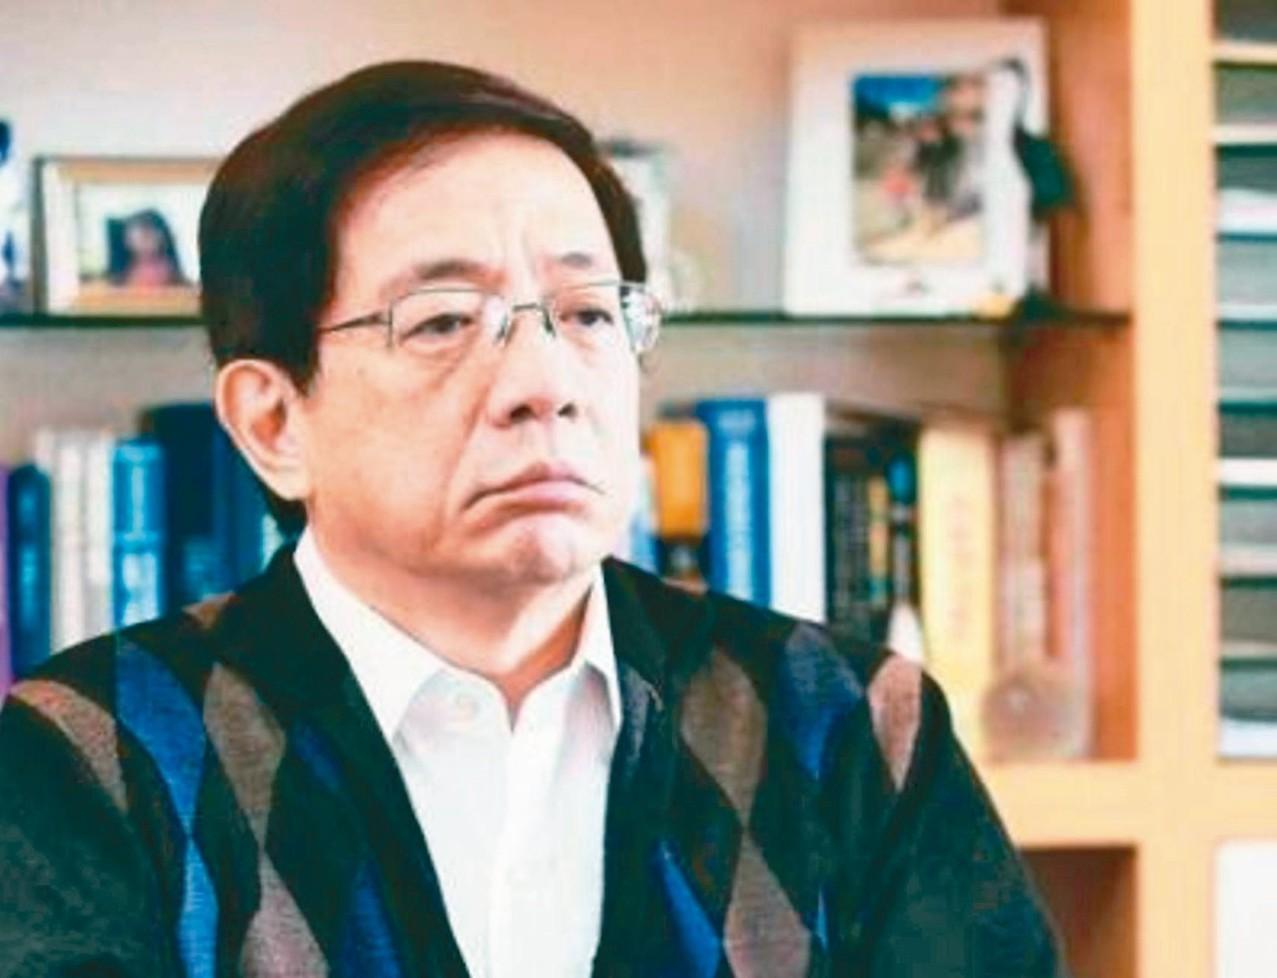 台大校長當選人管中閔接受本報專訪時反問葉俊榮三個「是不是」。 圖/聯合報系資料照...